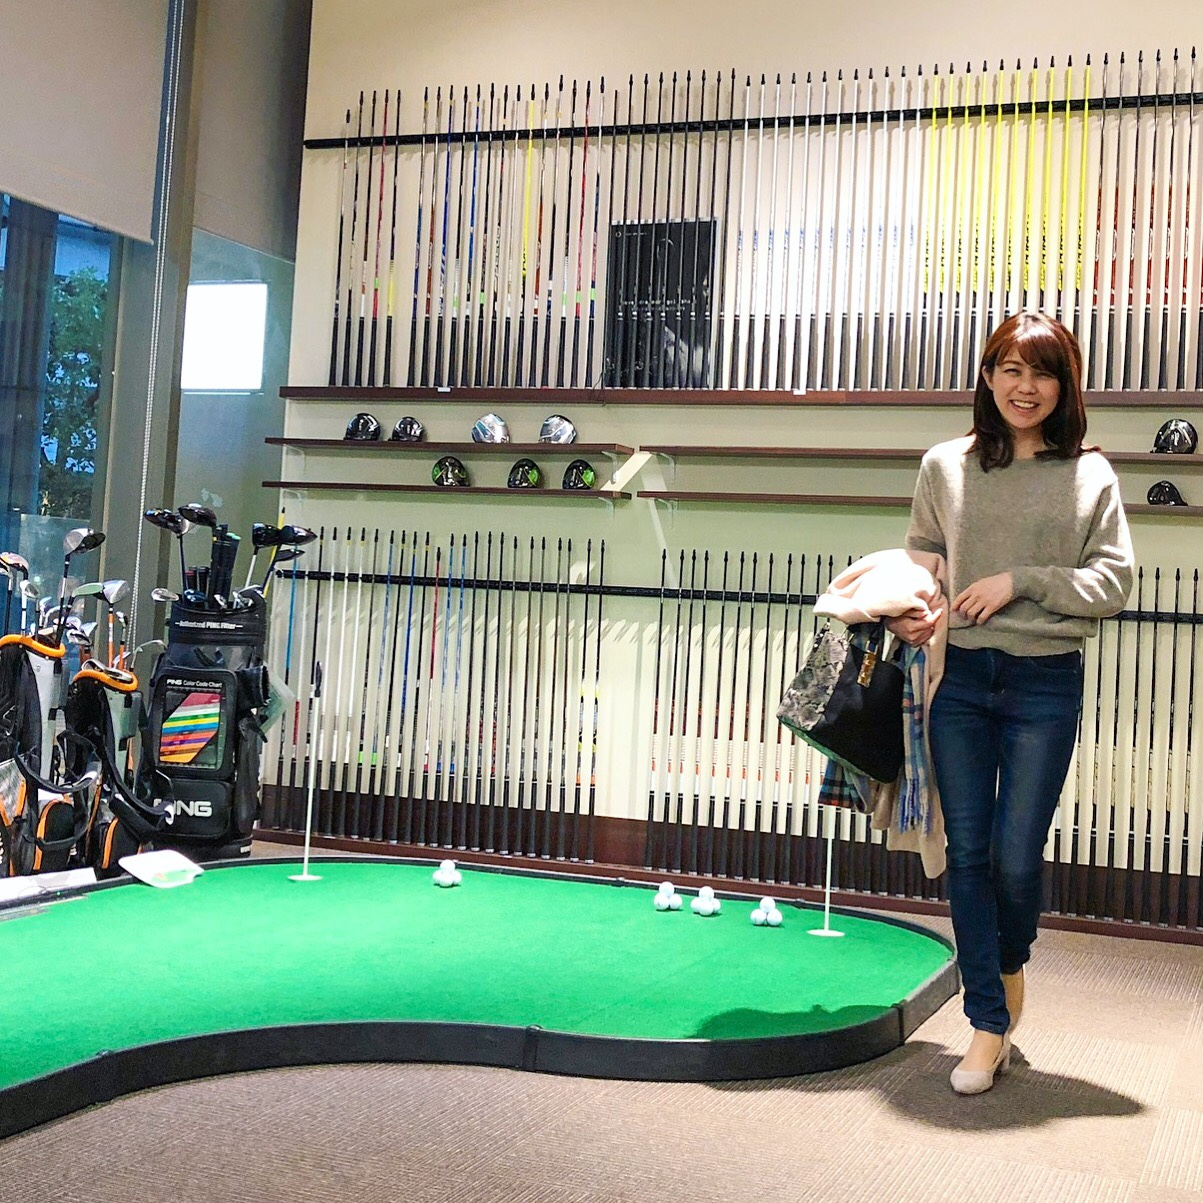 久々にゴルフテックでレッスン~ワーママが出産・育児でのブランクを経てゴルフ復帰するまで